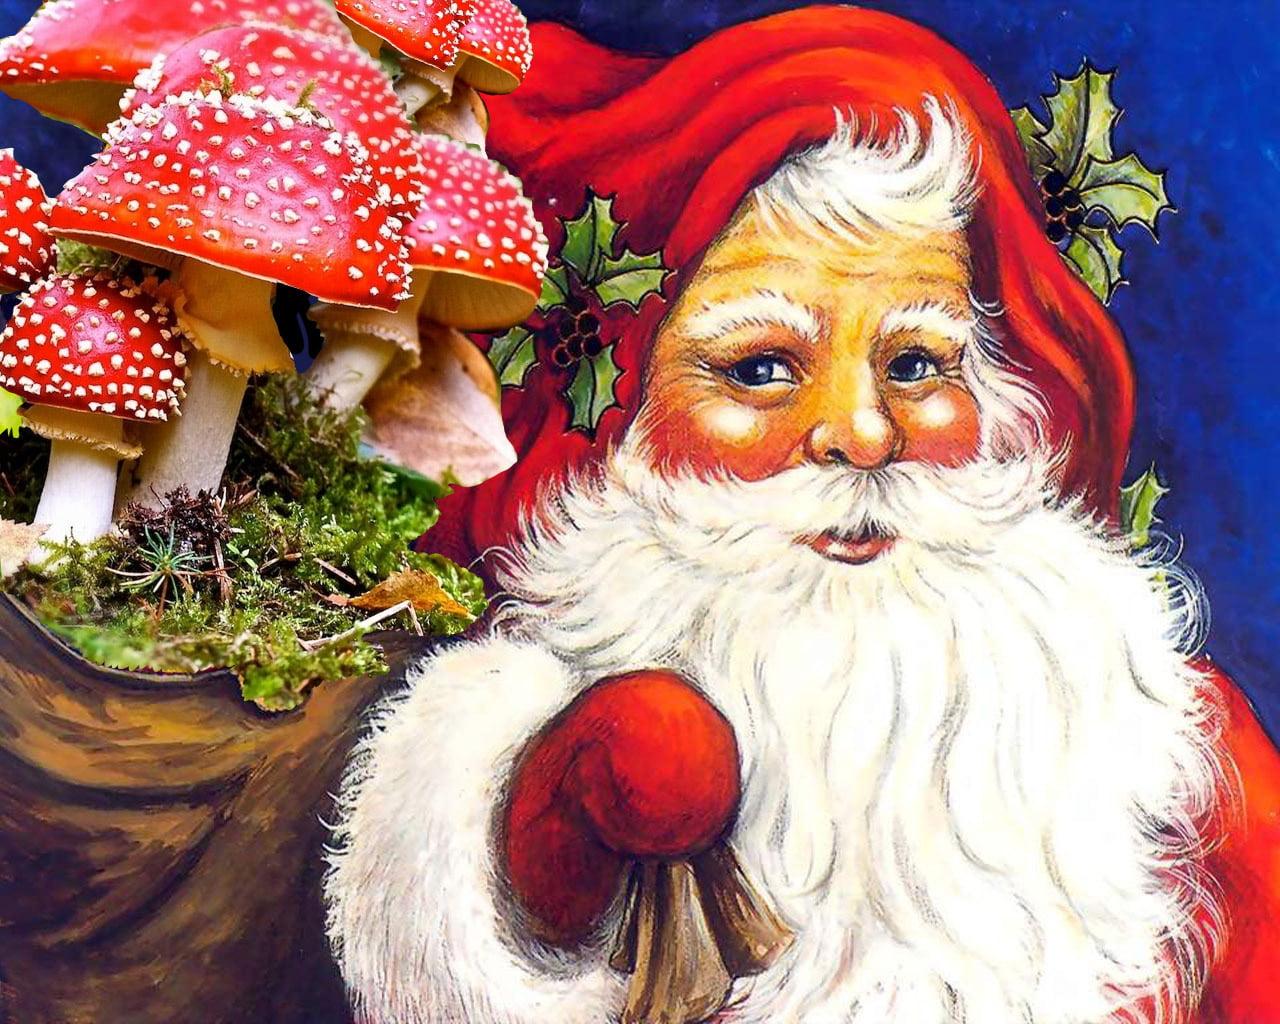 Es en realidad Papá Noel una Amanita Muscaria ? ( Hongo Alucinógeno? )